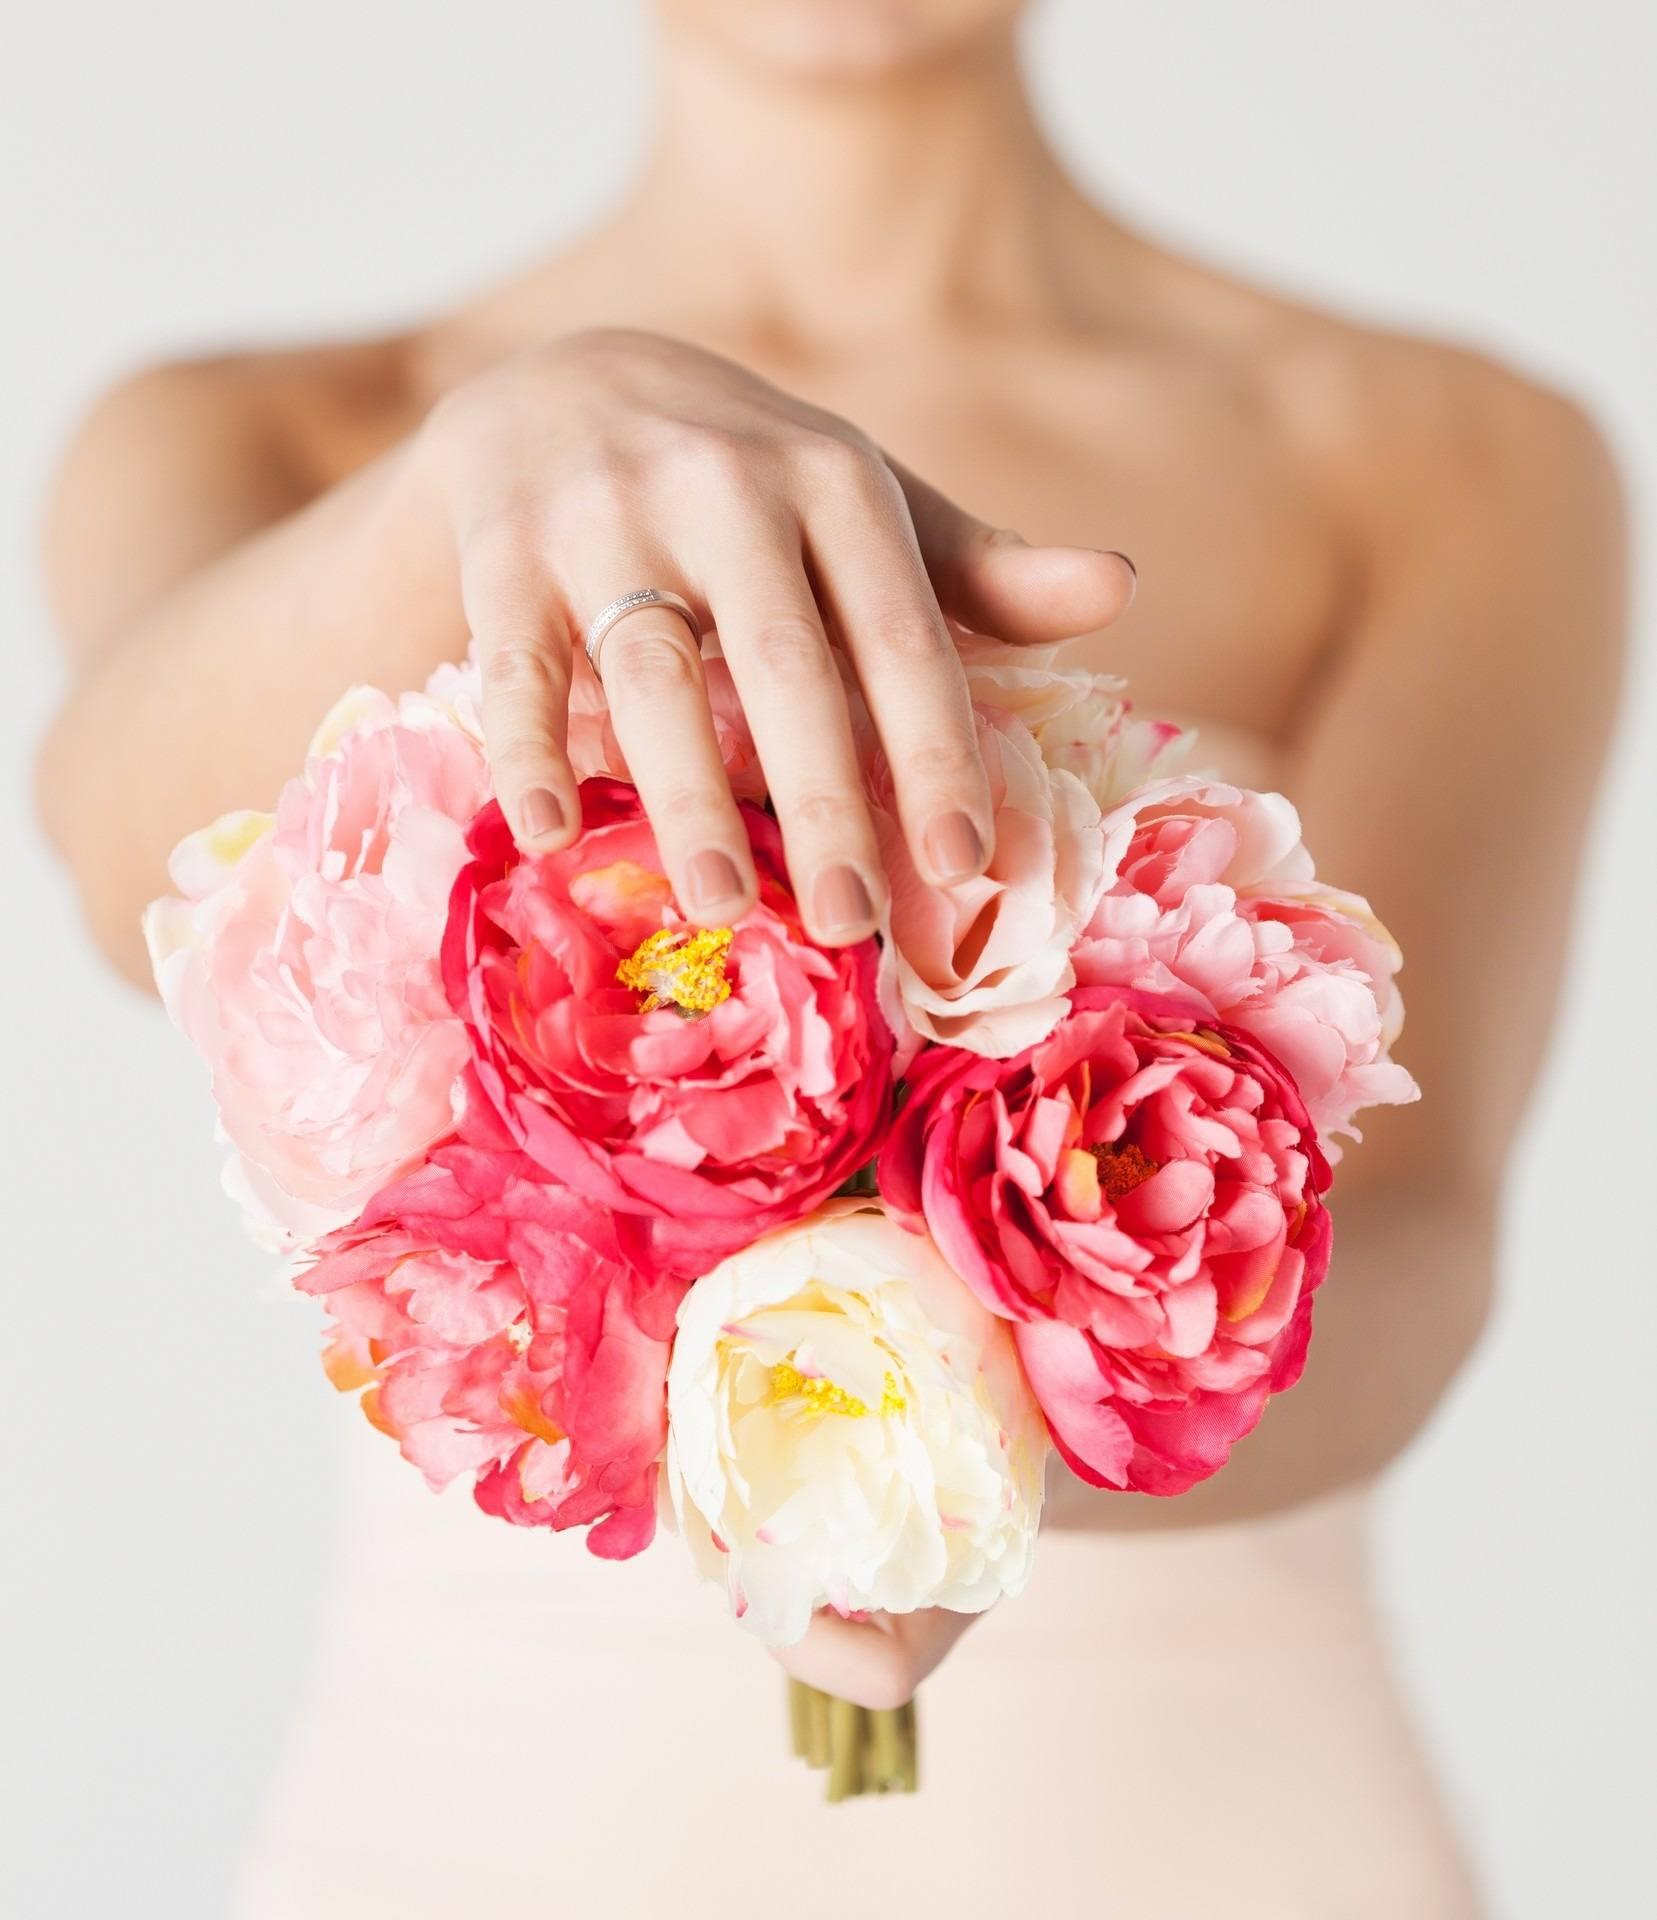 Kytice z velkých květů růžových a bílých pivoněk